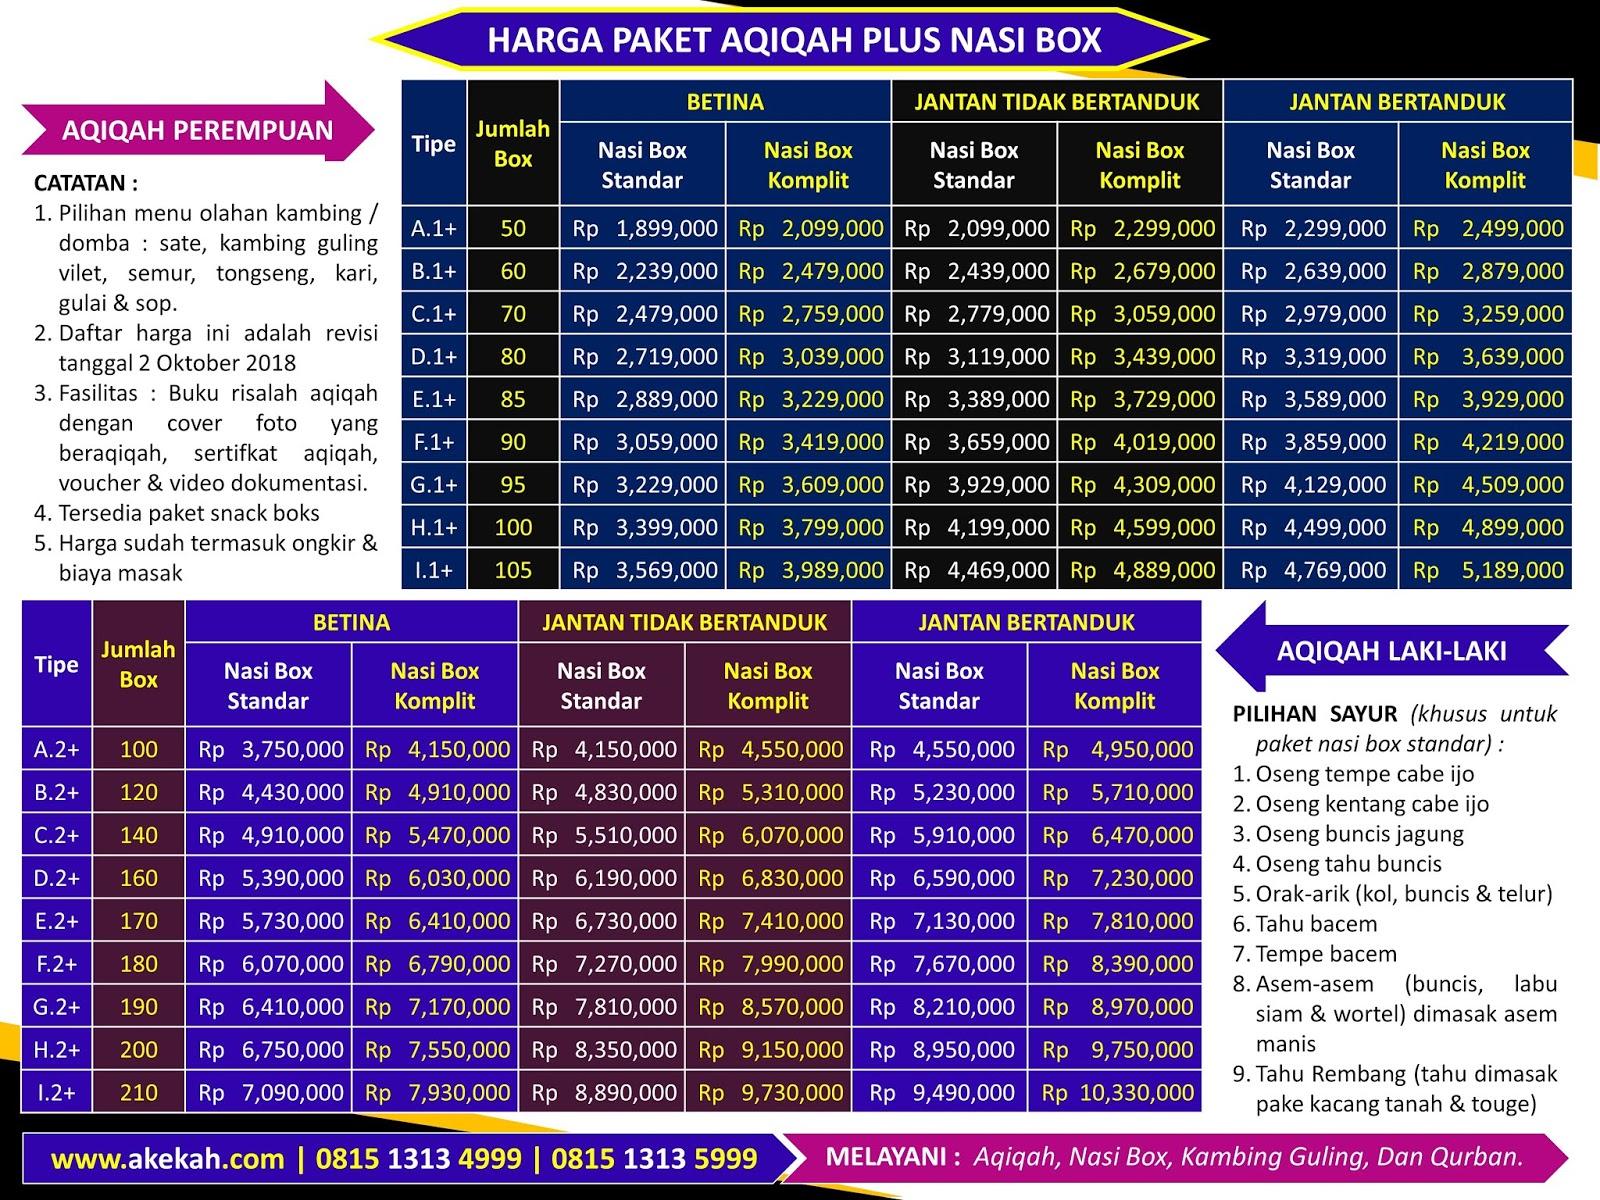 Harga Kambing Aqiqah Dan Catering Murah Untuk Perempuan Wilayah Jonggol Kabupaten Bogor Jawa Barat